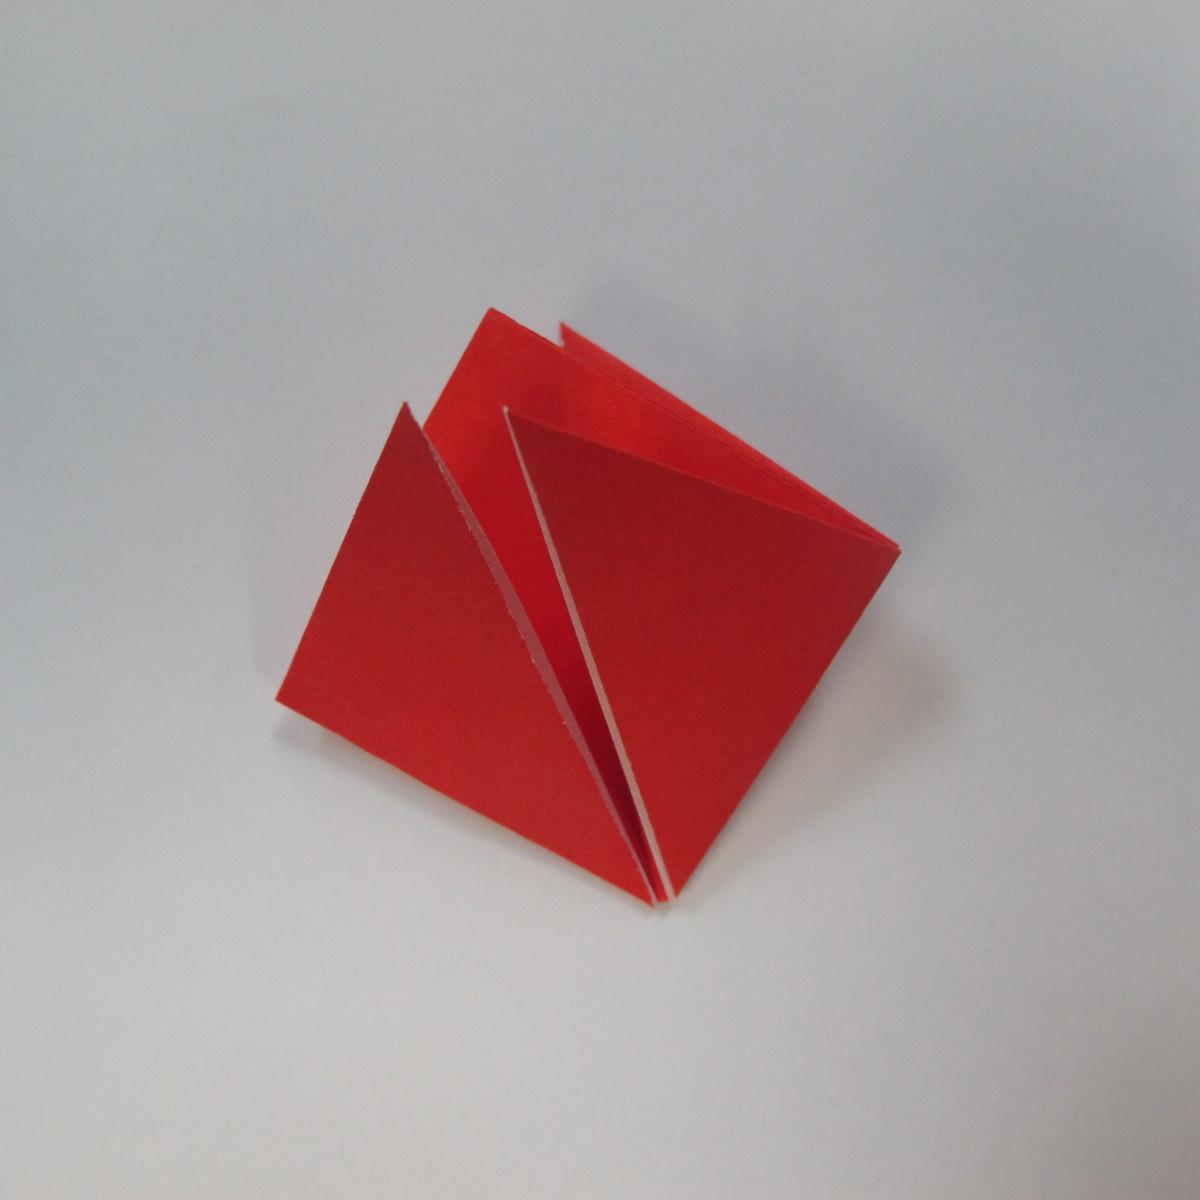 วิธีการพับกระดาษเป็นดาวหกแฉกแบบโมดูล่า 006